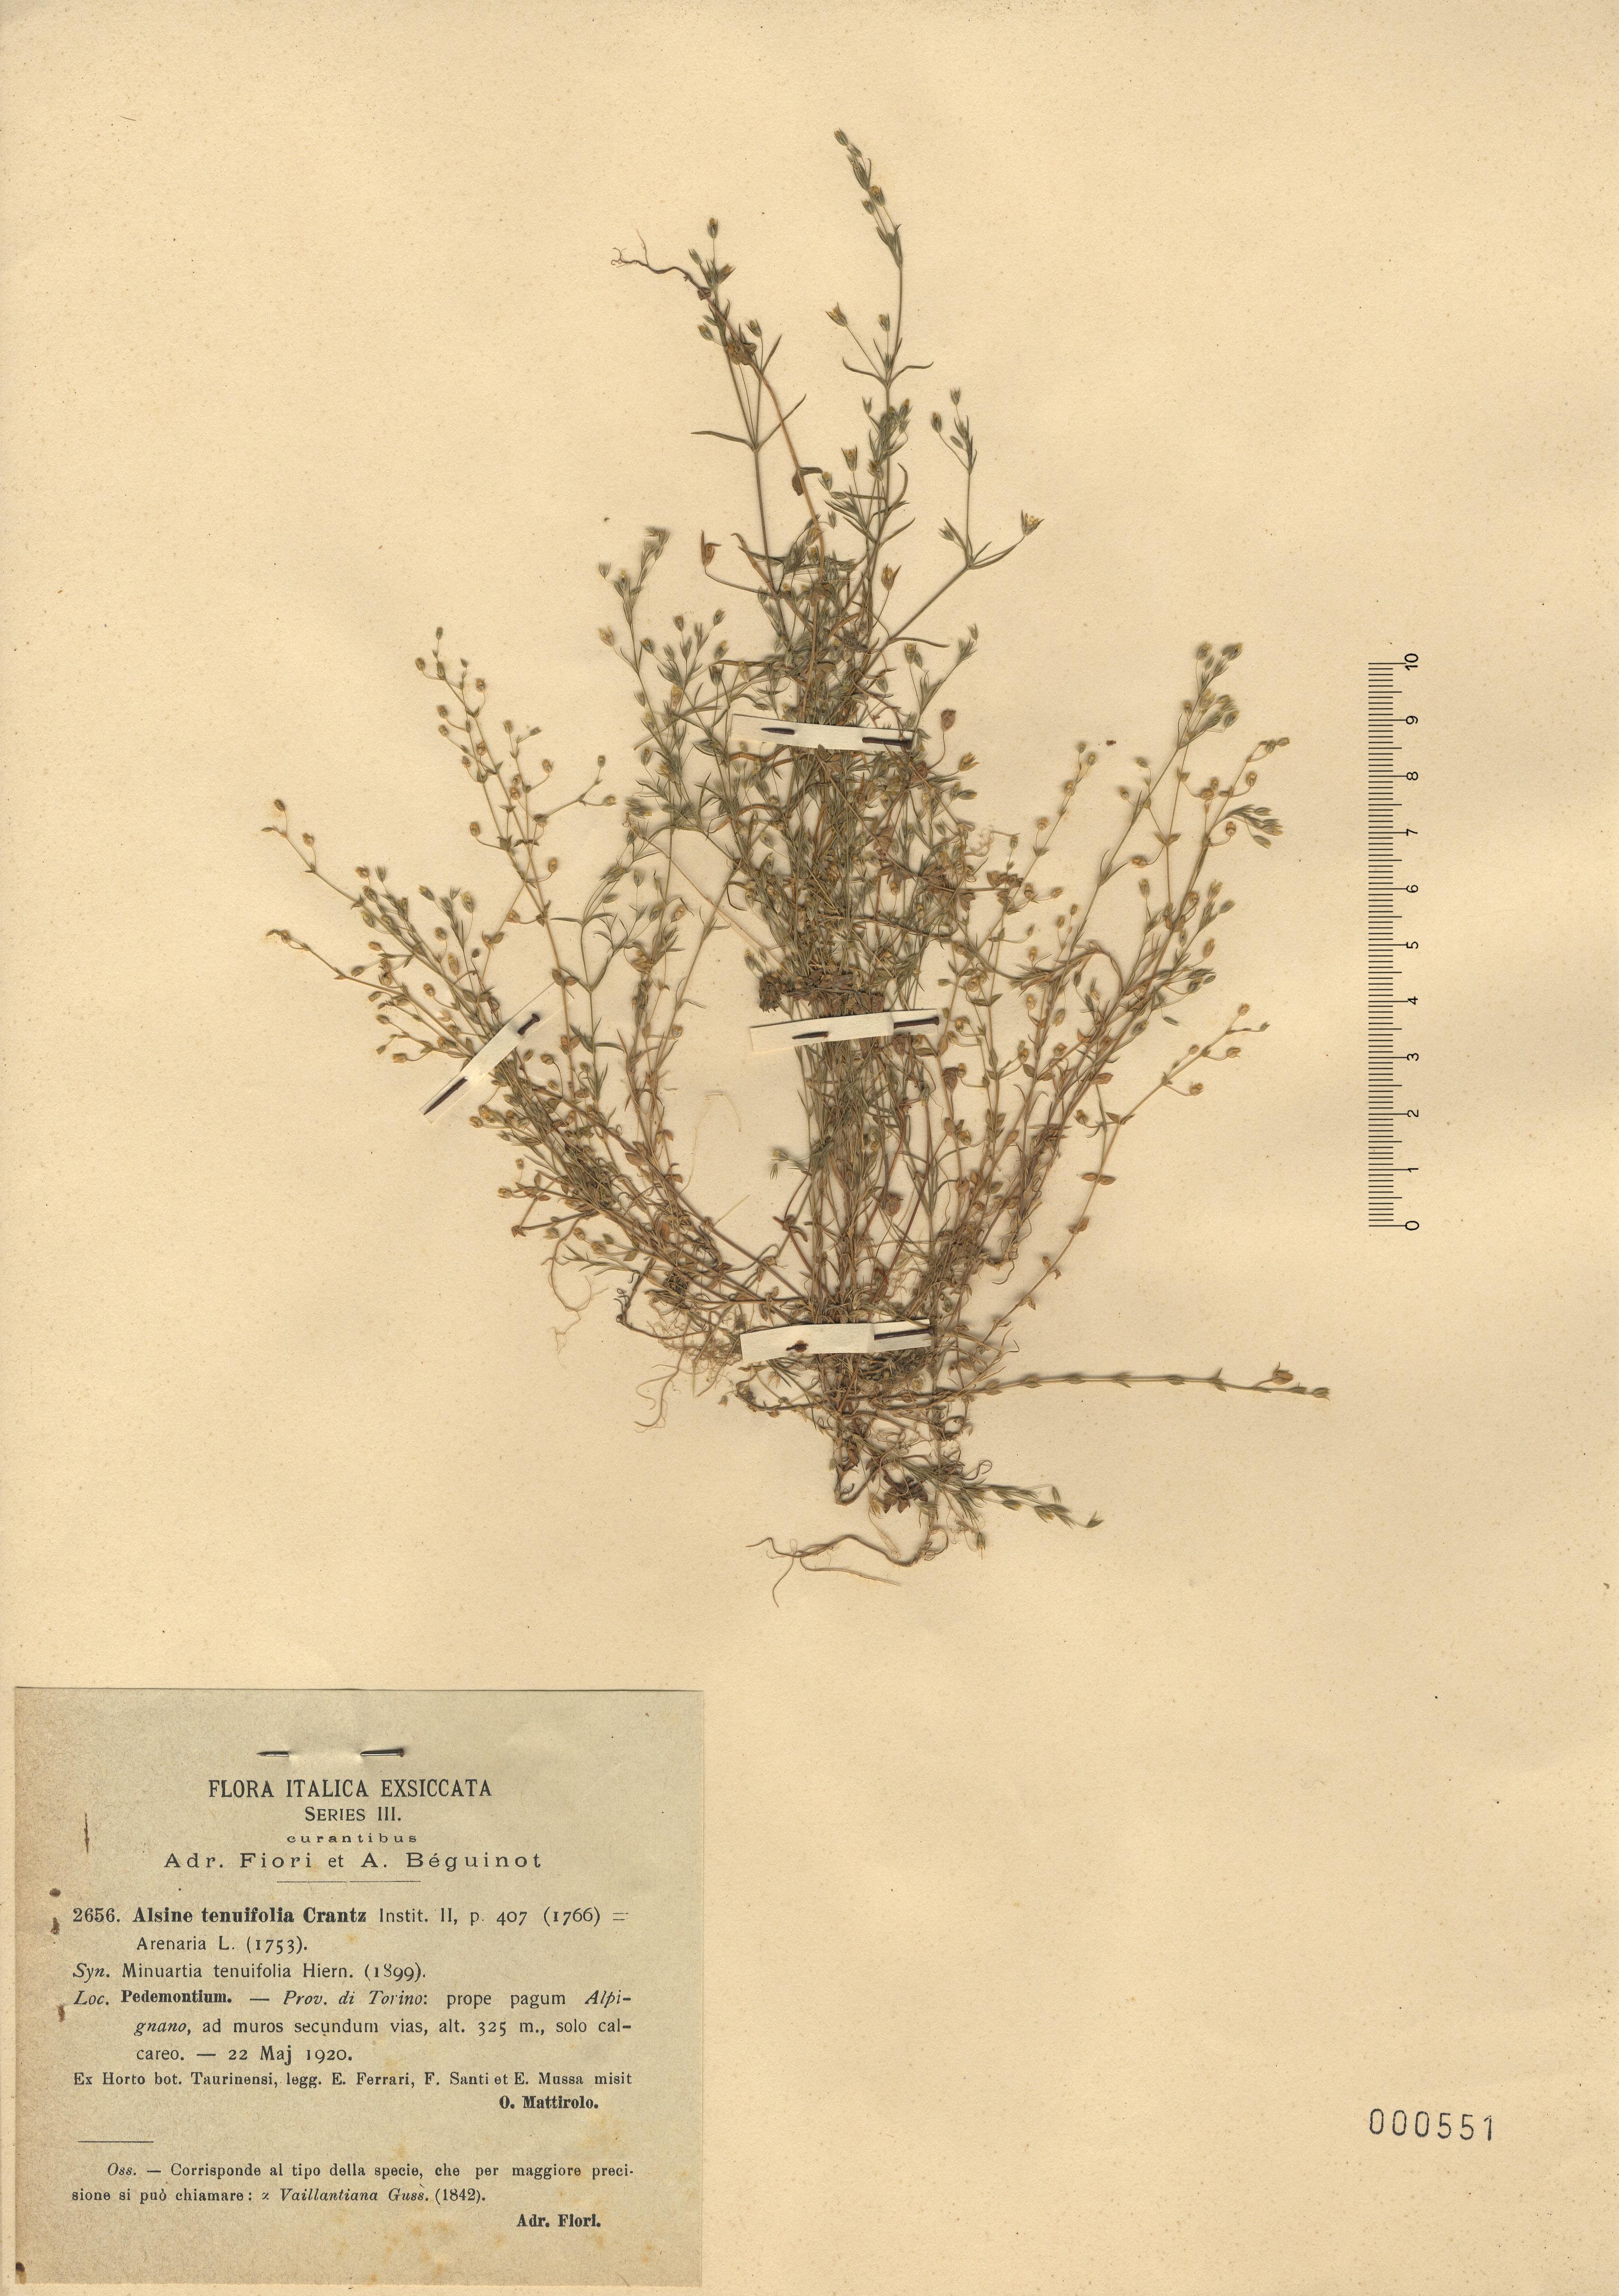 © Hortus Botanicus Catinensis - Herb. sheet 001551<br>